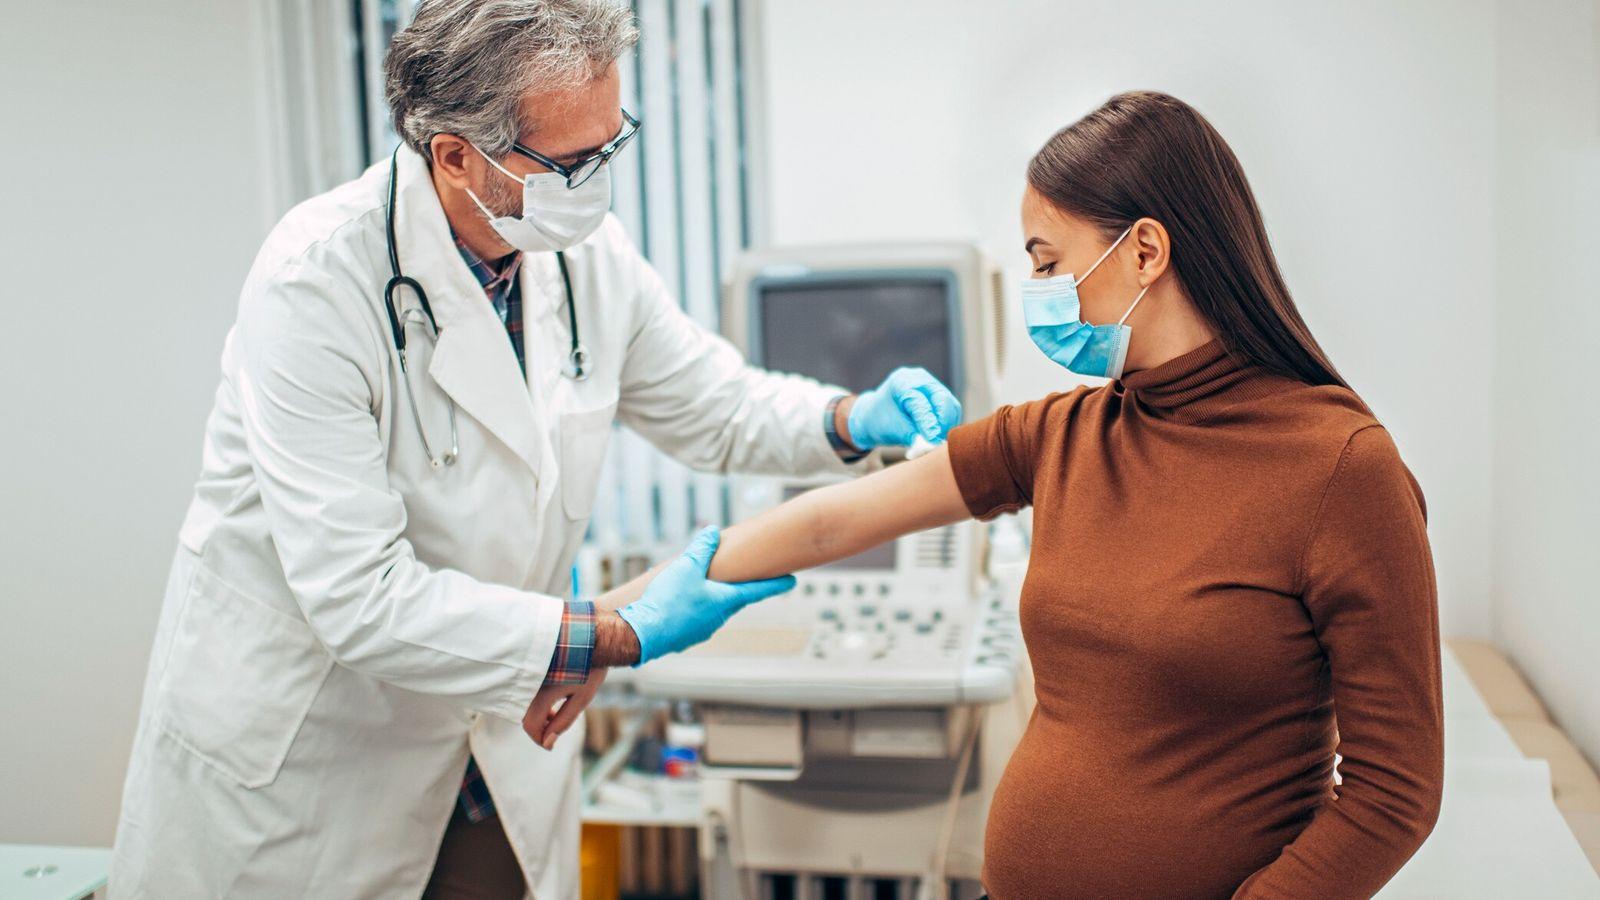 Fotografía de una embarazada poniéndose la vacuna